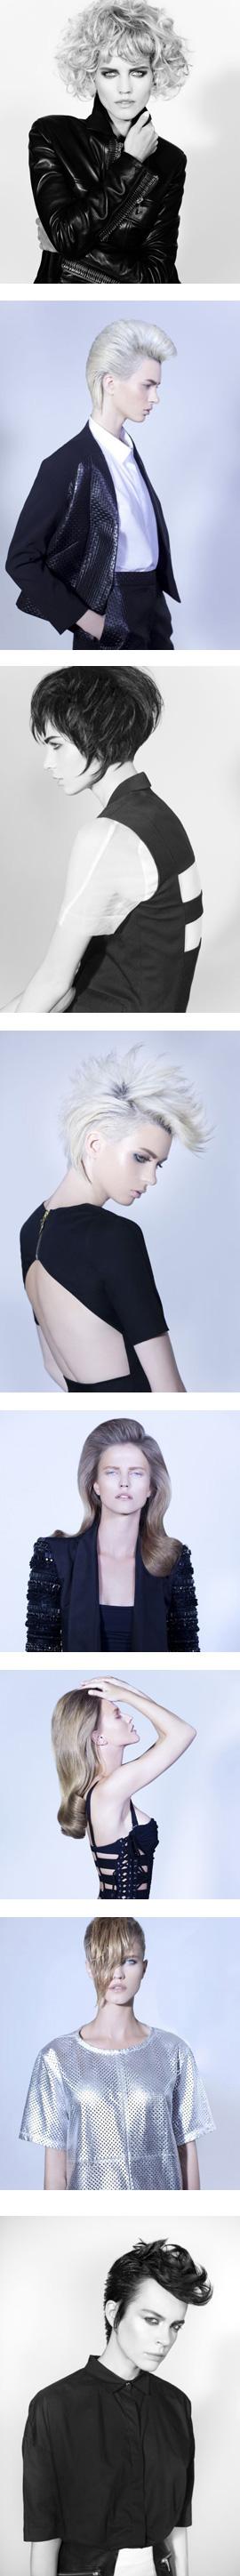 שחר מלכה - קולקציית מראות שיער 2012. צילום: גיא כושי ויריב פיין